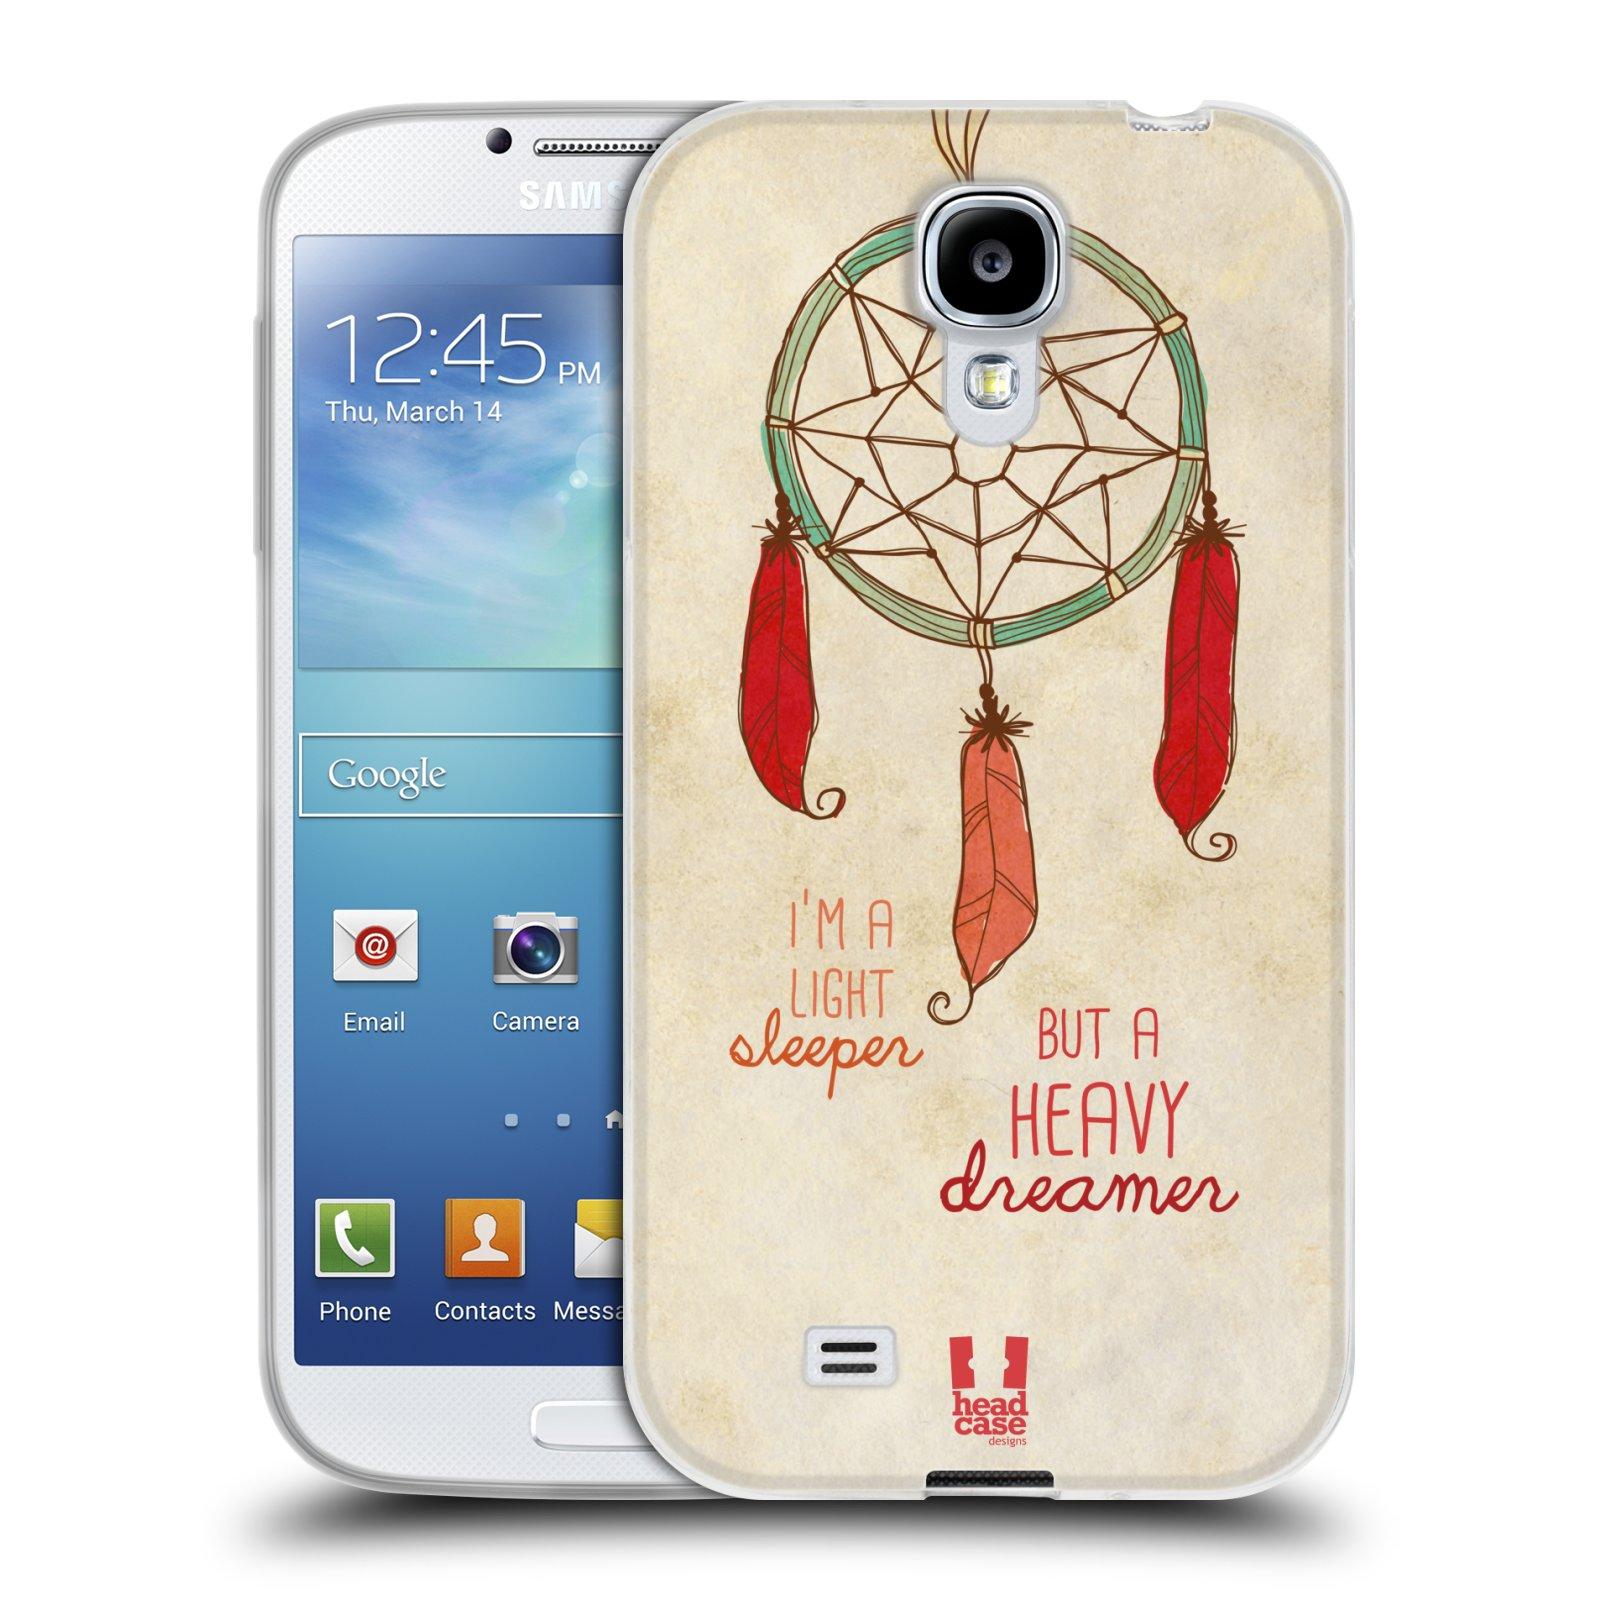 Silikonové pouzdro na mobil Samsung Galaxy S4 HEAD CASE LAPAČ HEAVY DREAMER (Silikonový kryt či obal na mobilní telefon Samsung Galaxy S4 GT-i9505 / i9500)